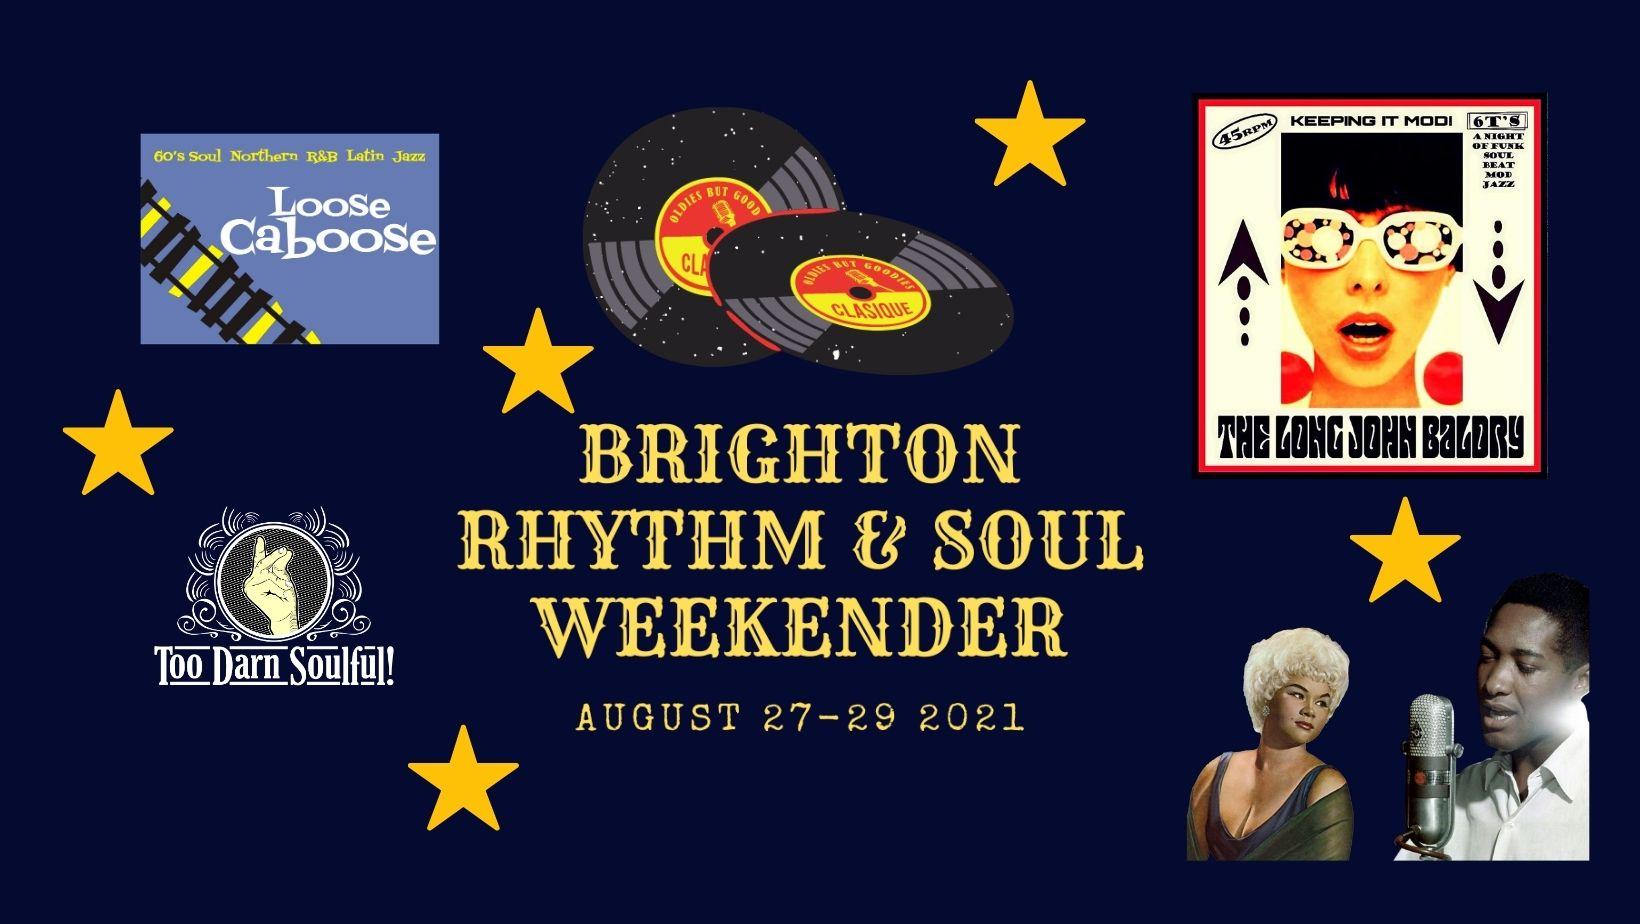 Brighton Rhythm  Soul Weekend flyer